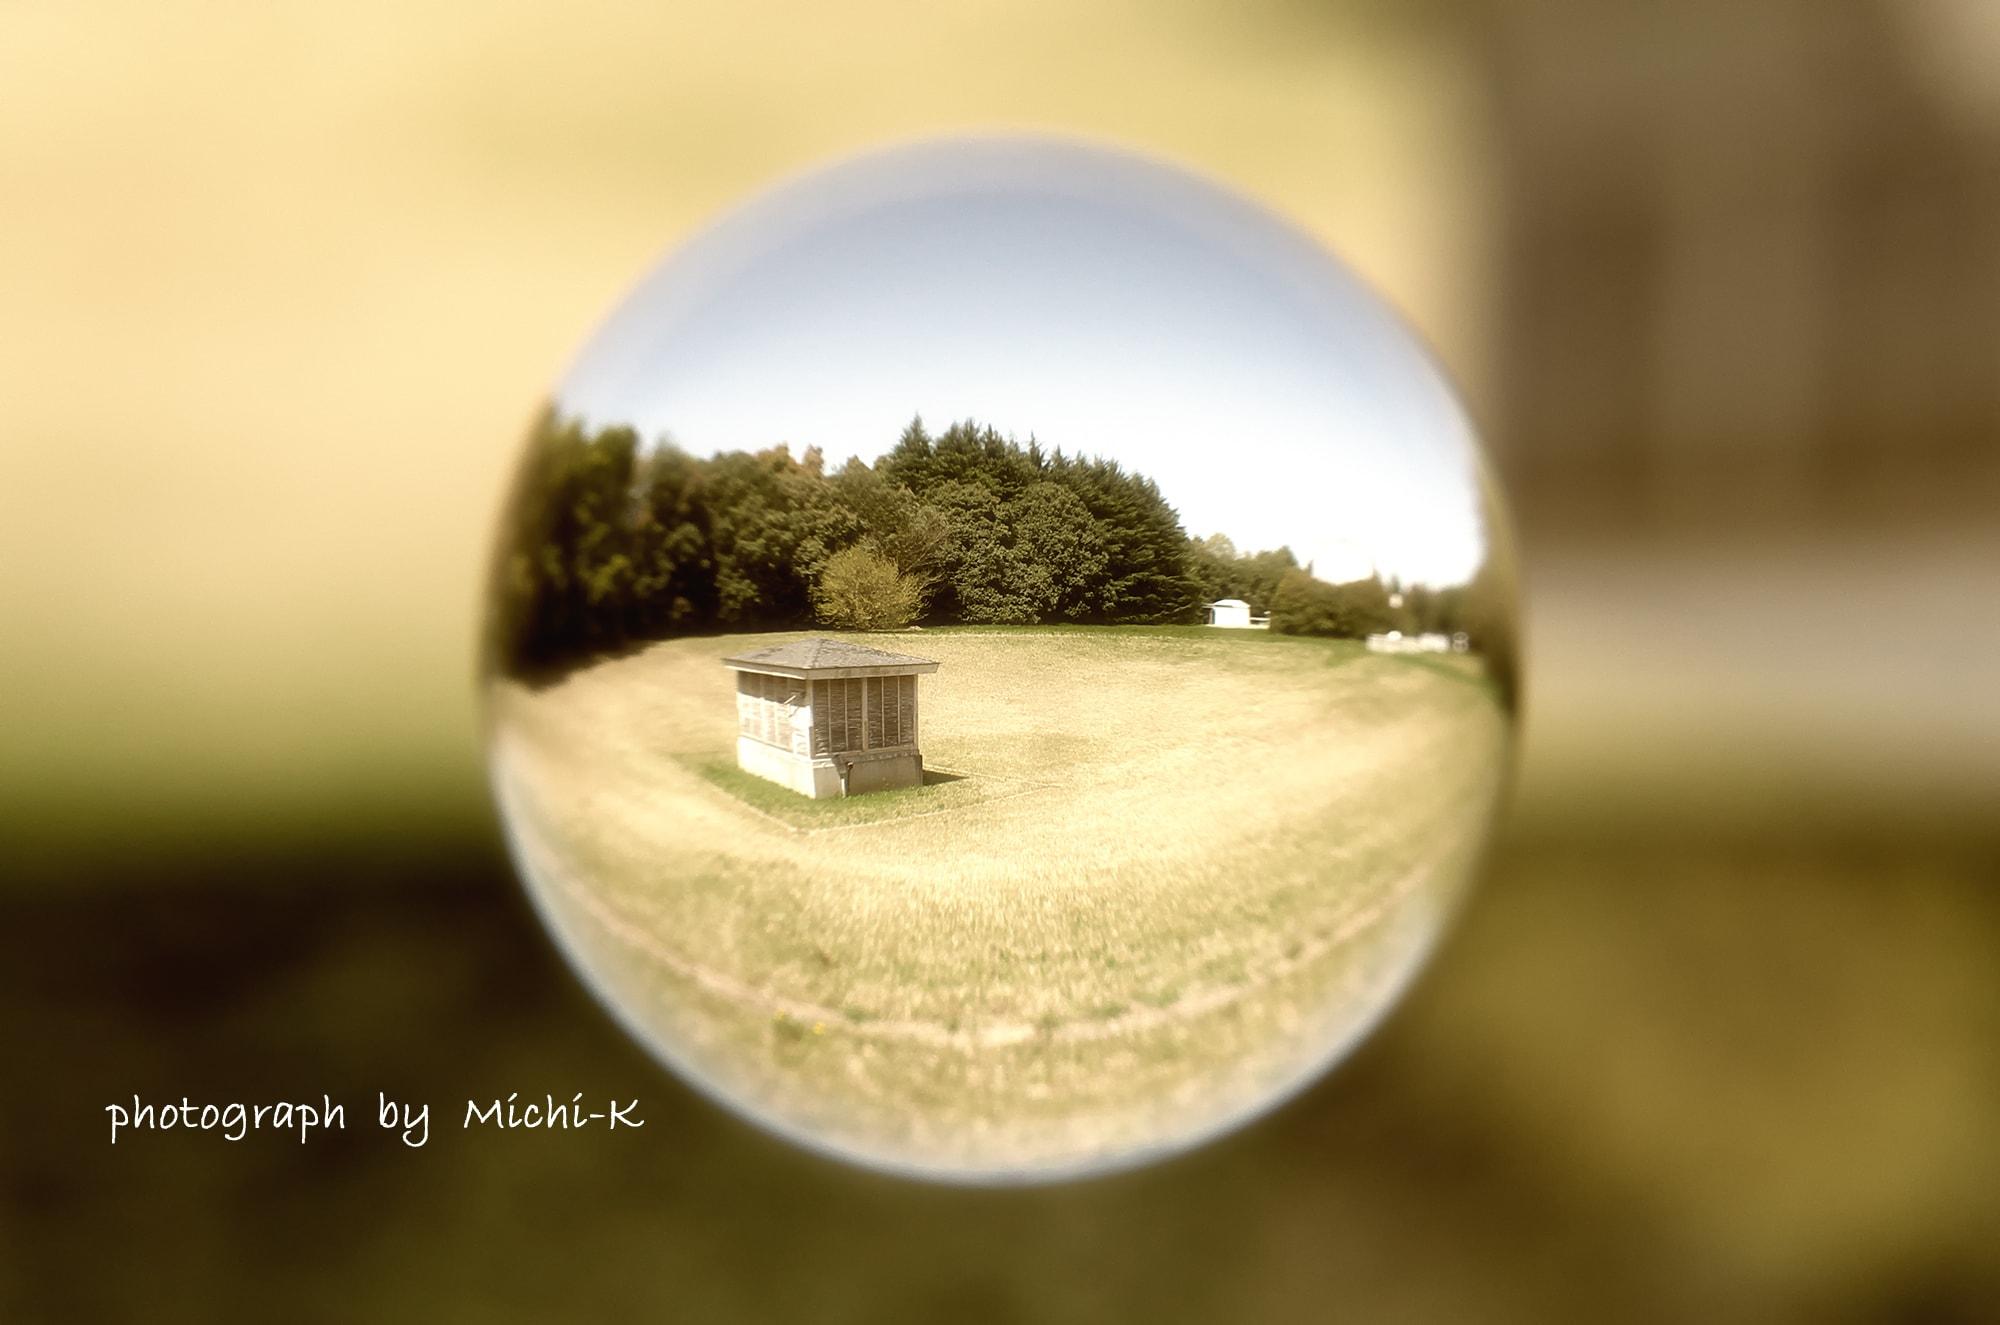 国立天文台三鷹キャンパスにある子午線標-宙玉